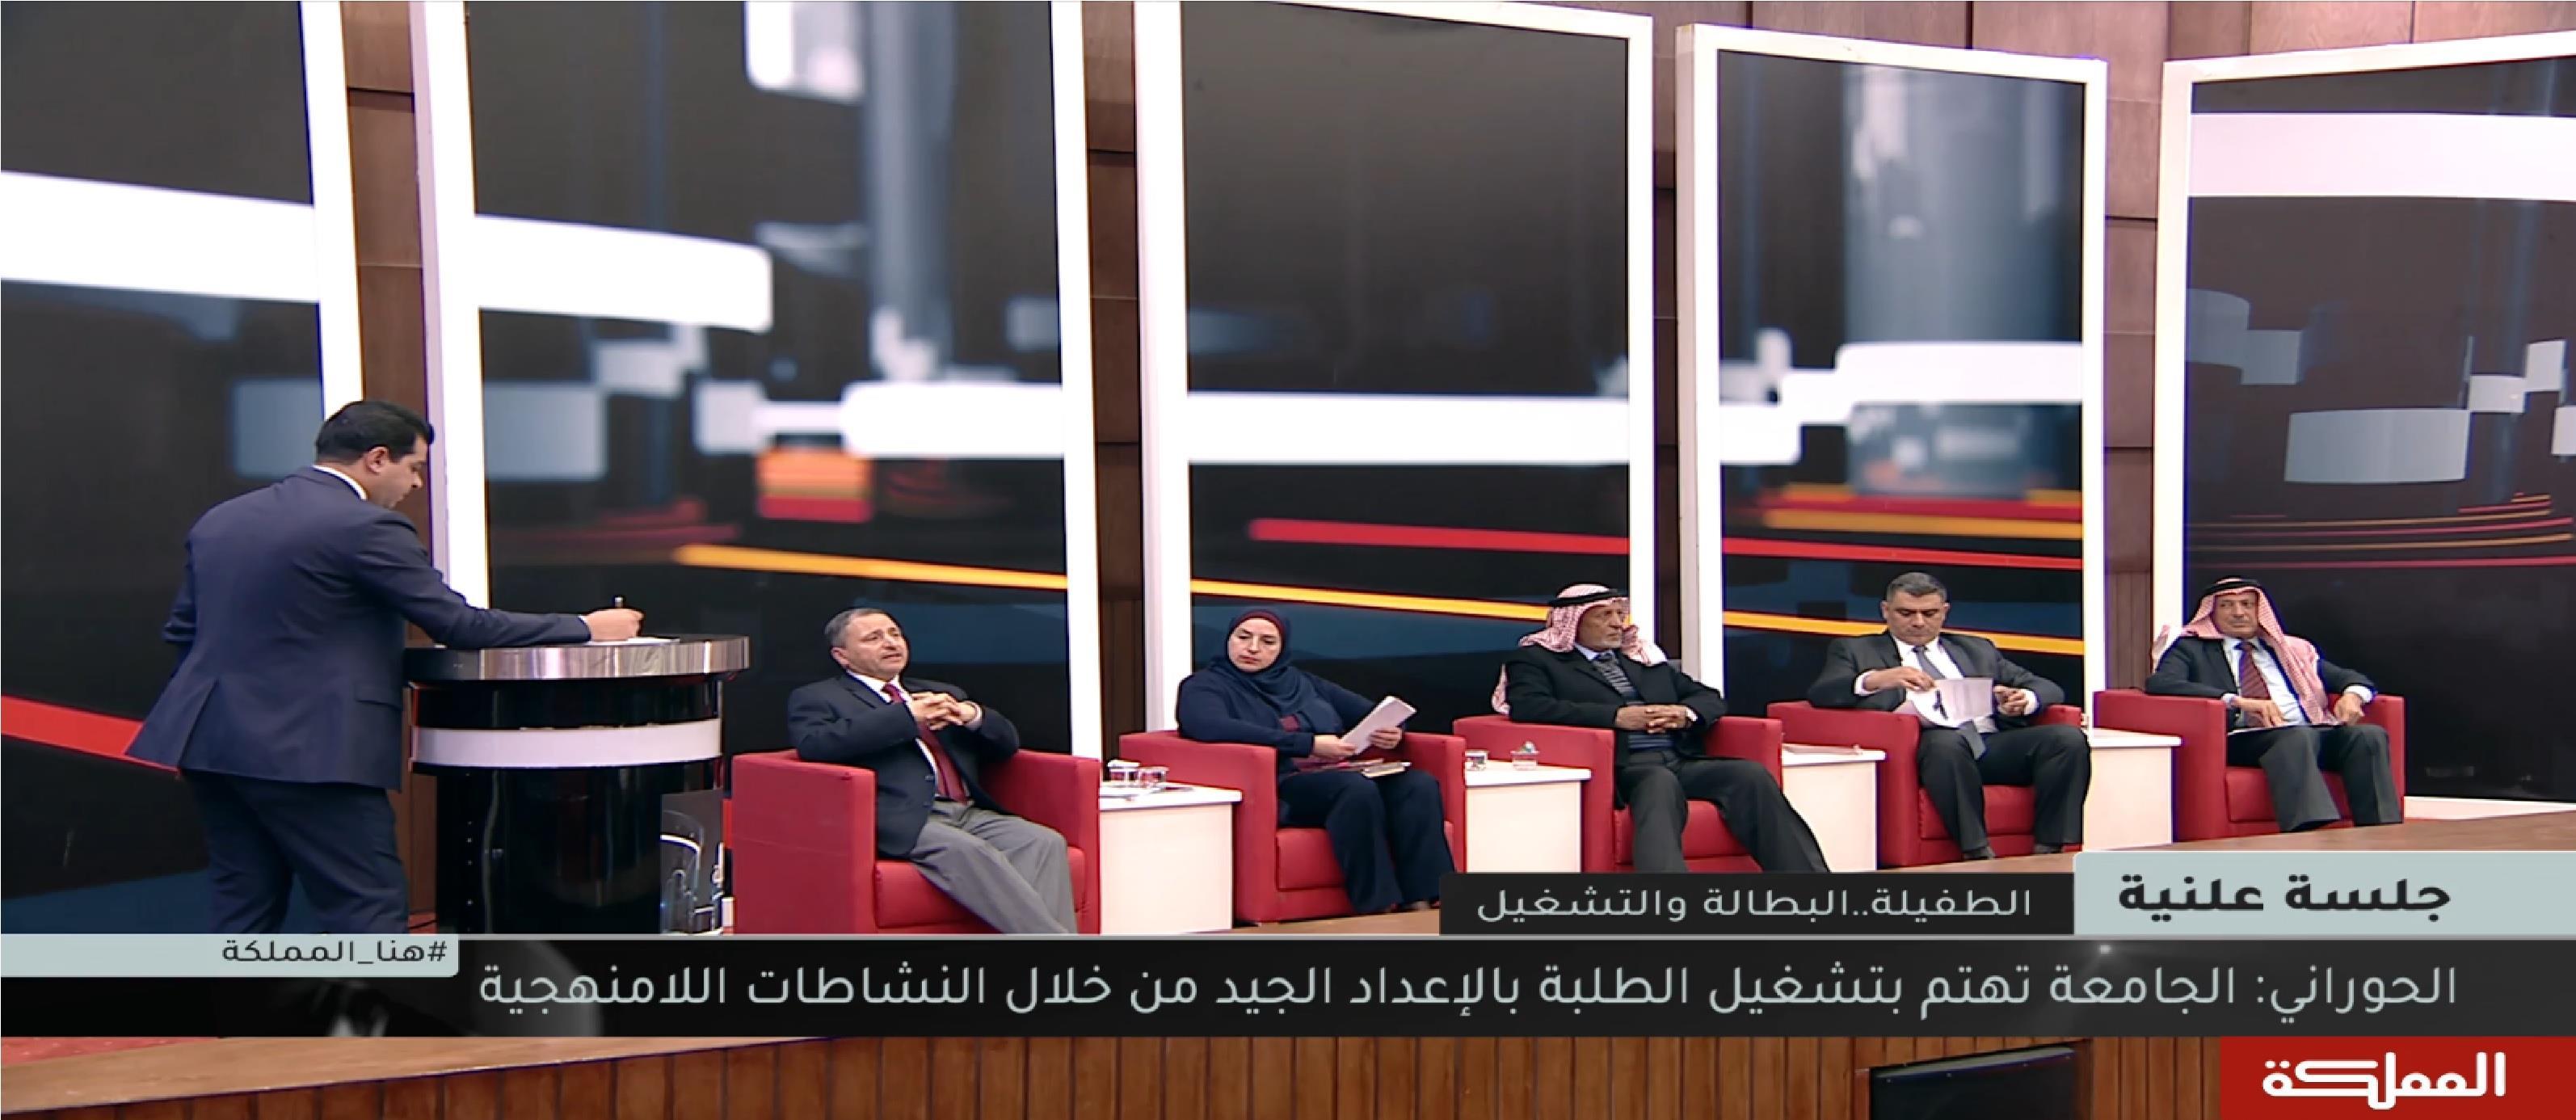 جلسة علنية | محافظة الطفيلة .. ثنائية البطالة والتشغيل